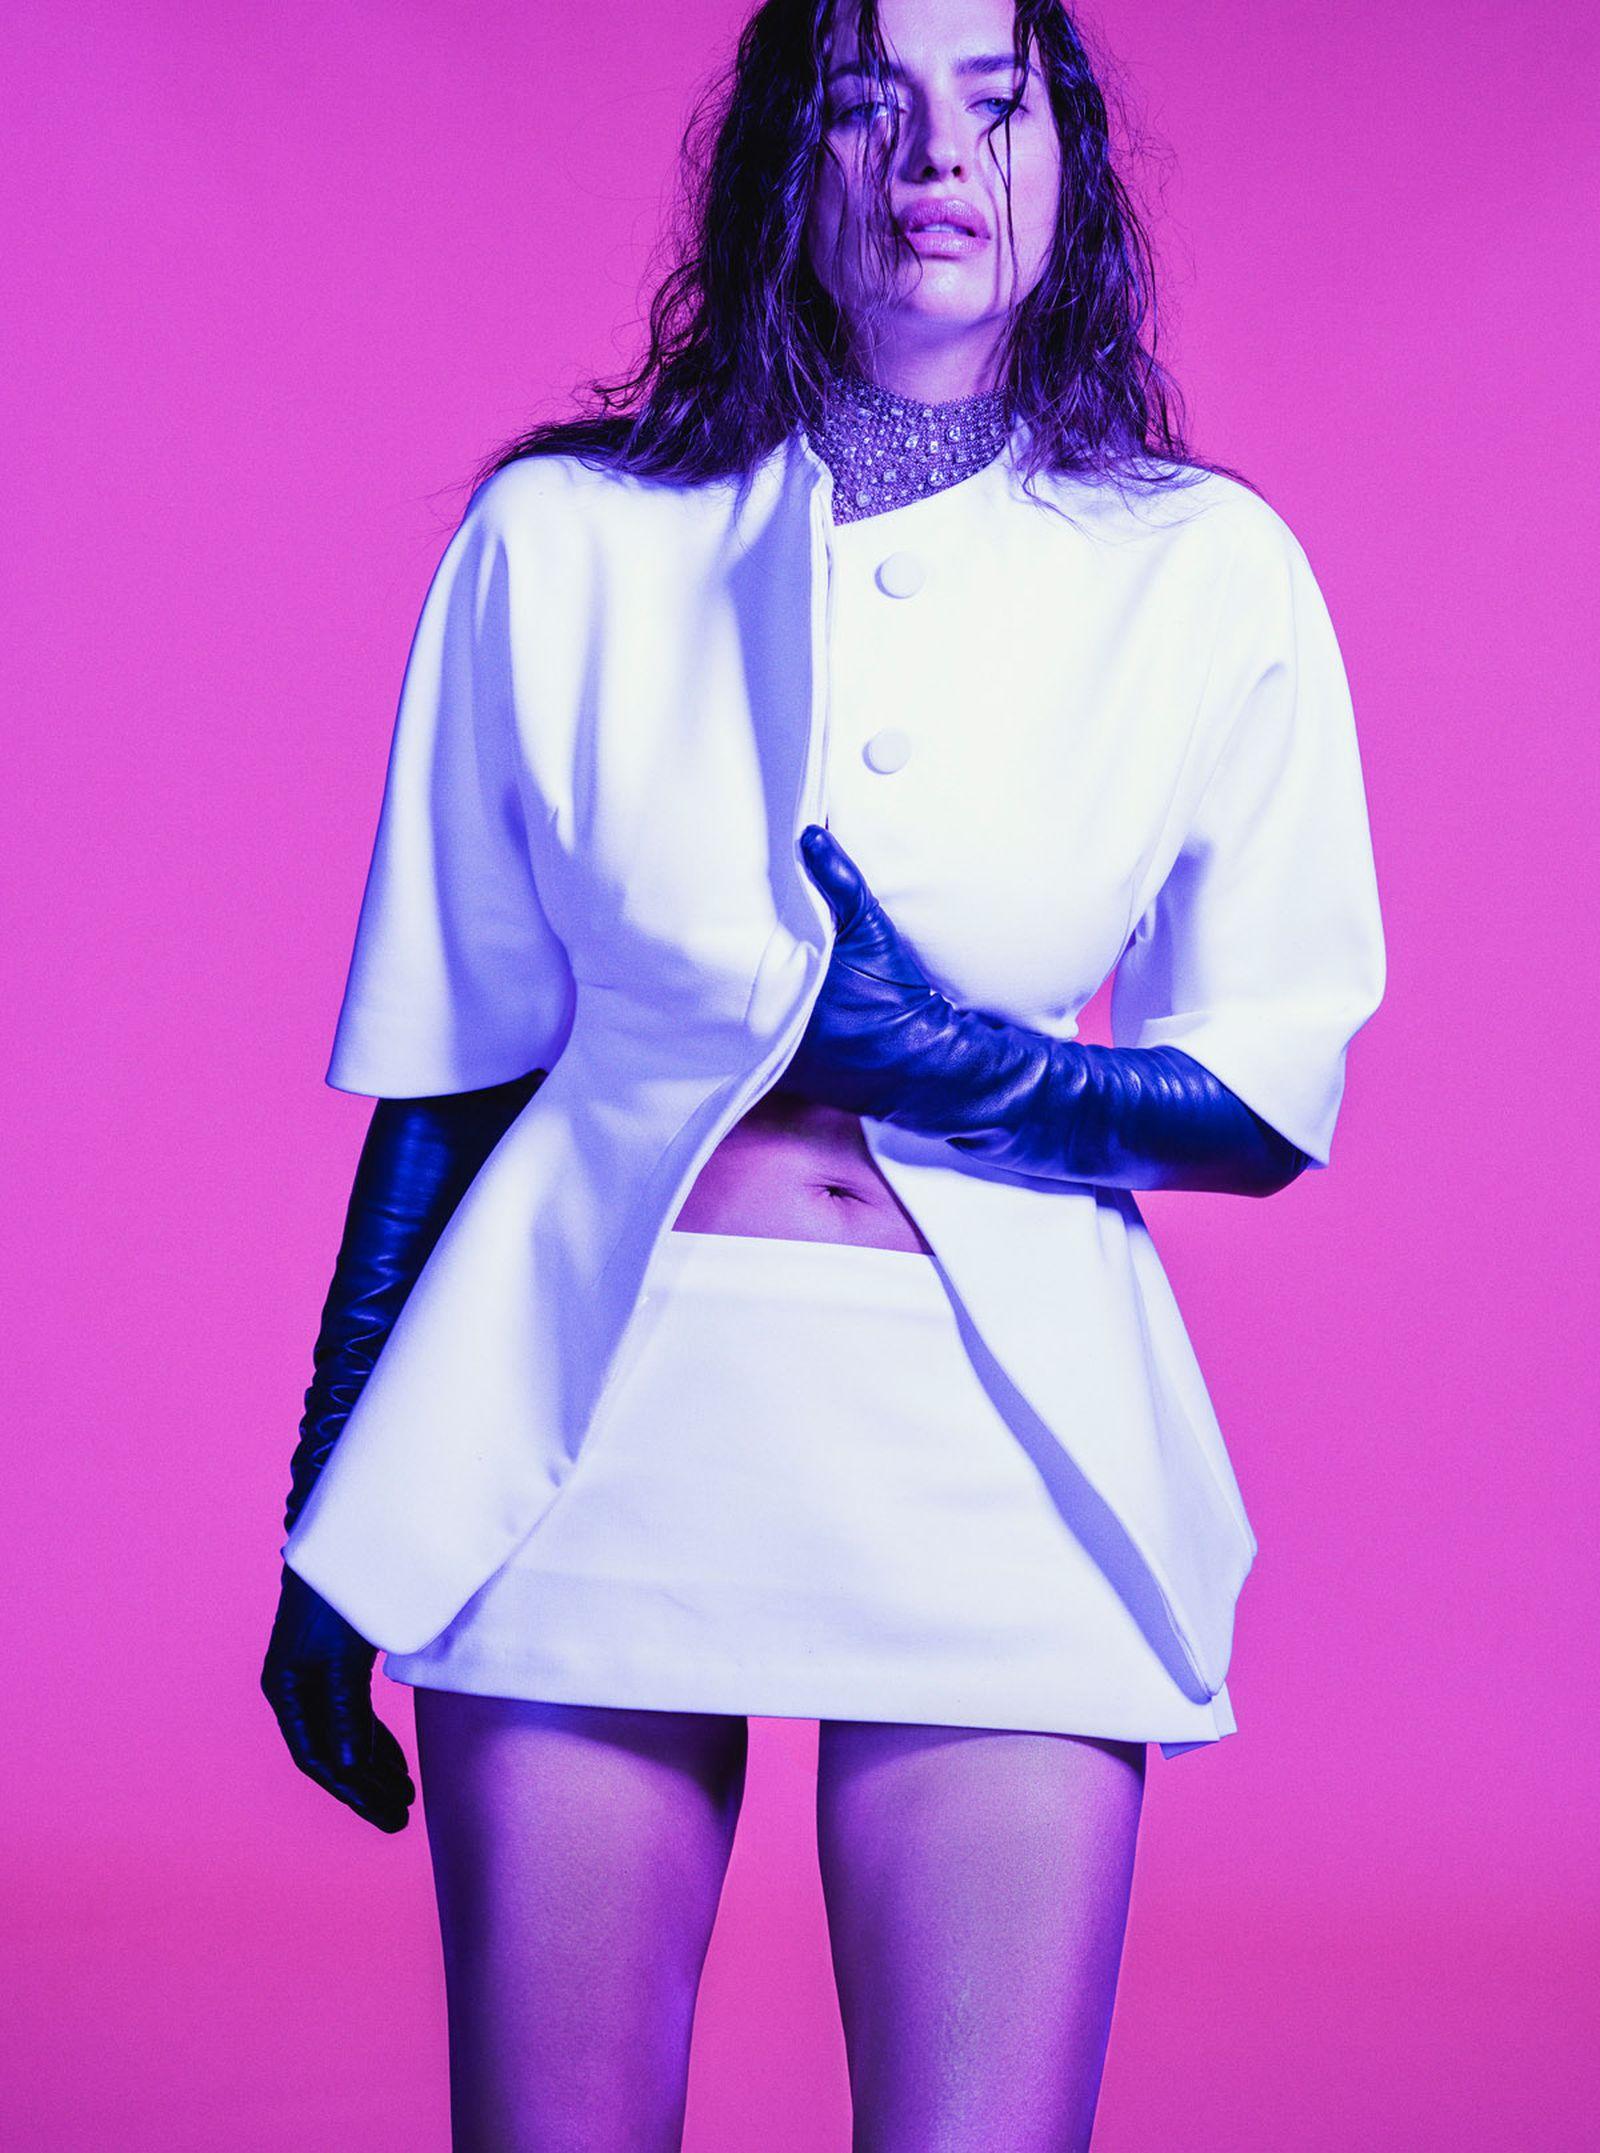 Jacket and Skirt MAXIMILLIAN Gloves PAULA ROWAN Necklace JACOB & CO